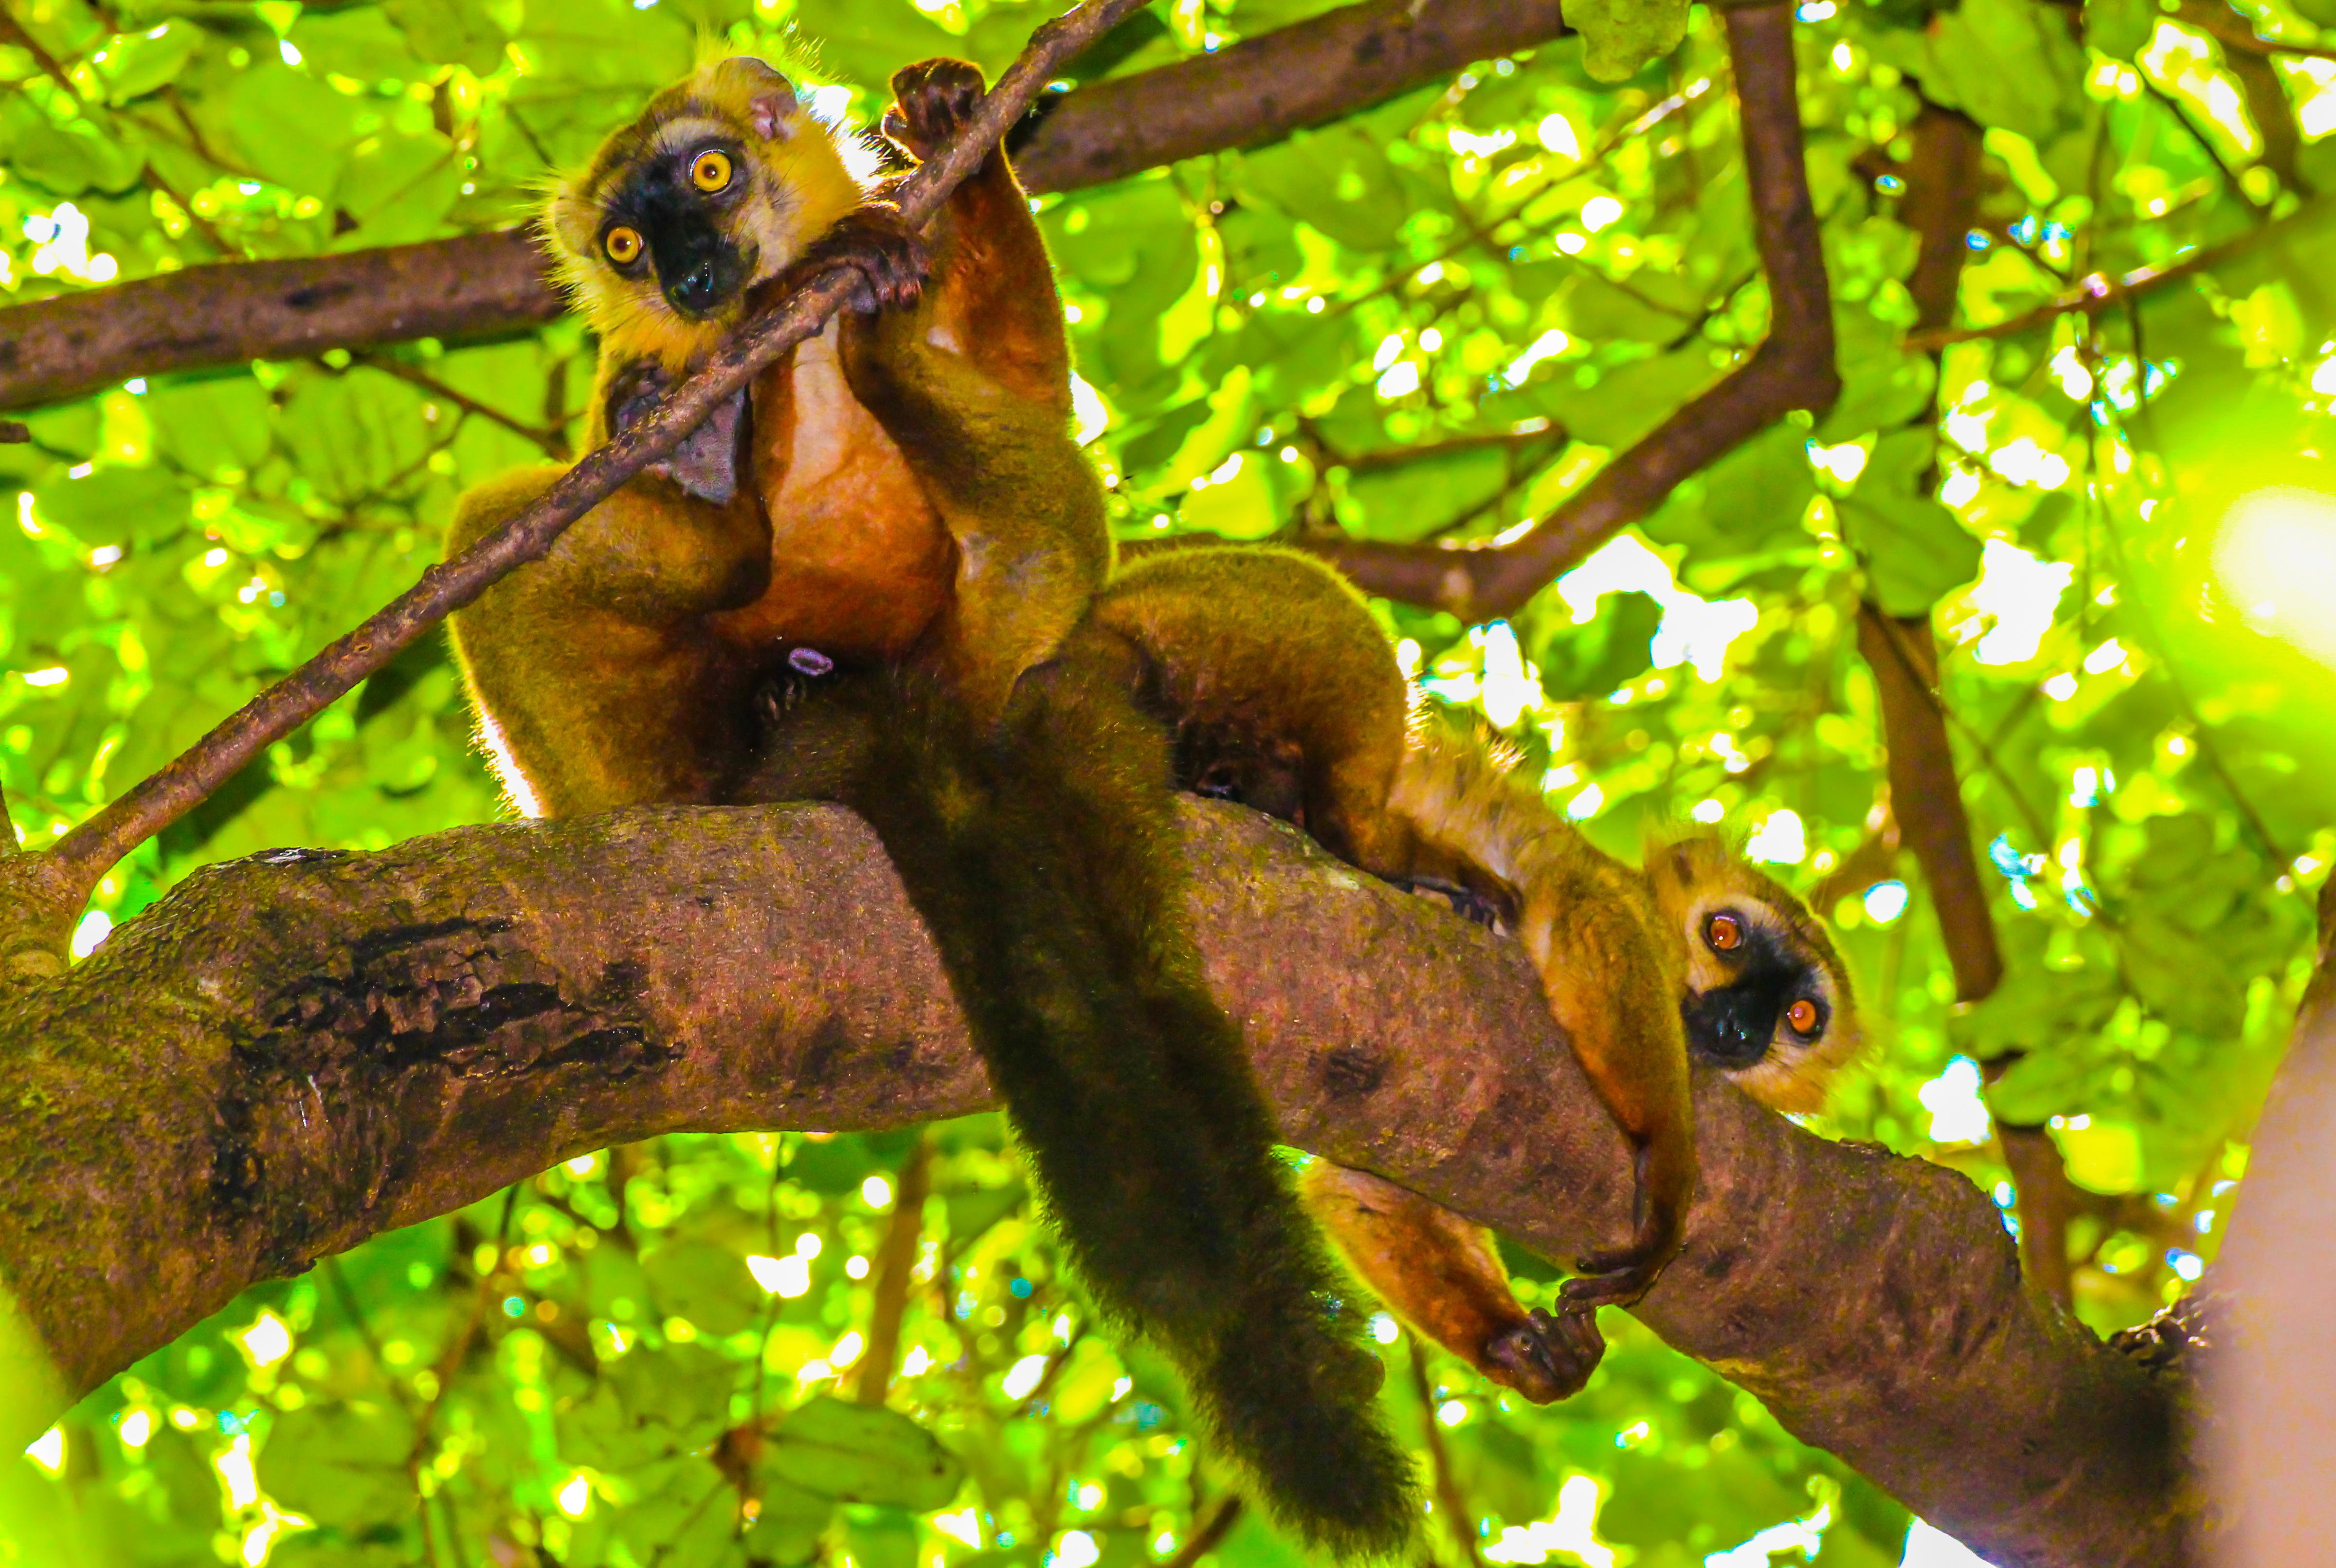 Sandford's Lemur